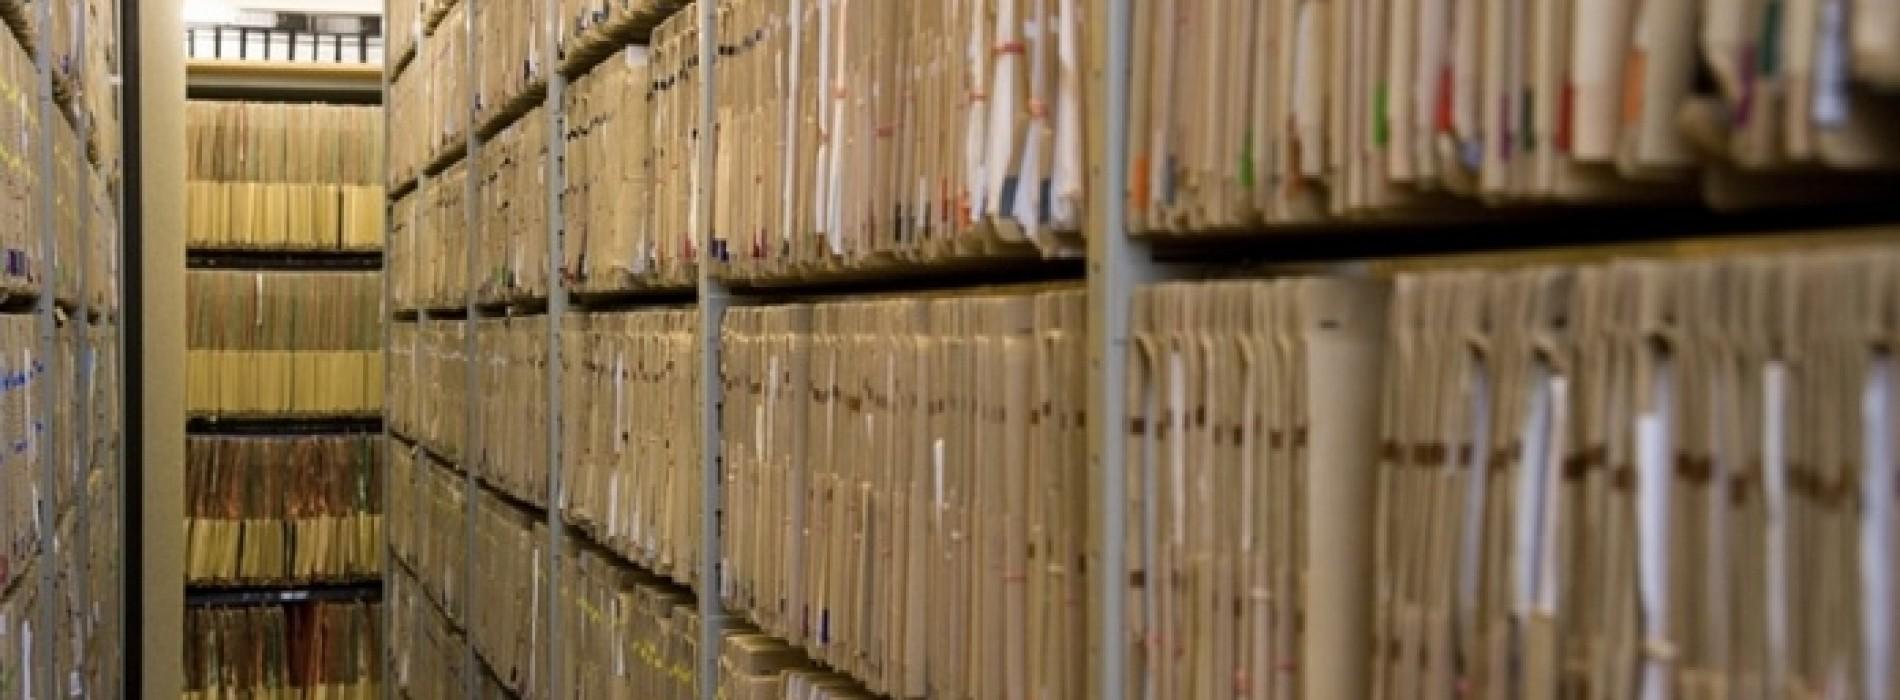 Jak długo trzeba zatrzymać wszystkie dokumenty księgowe?